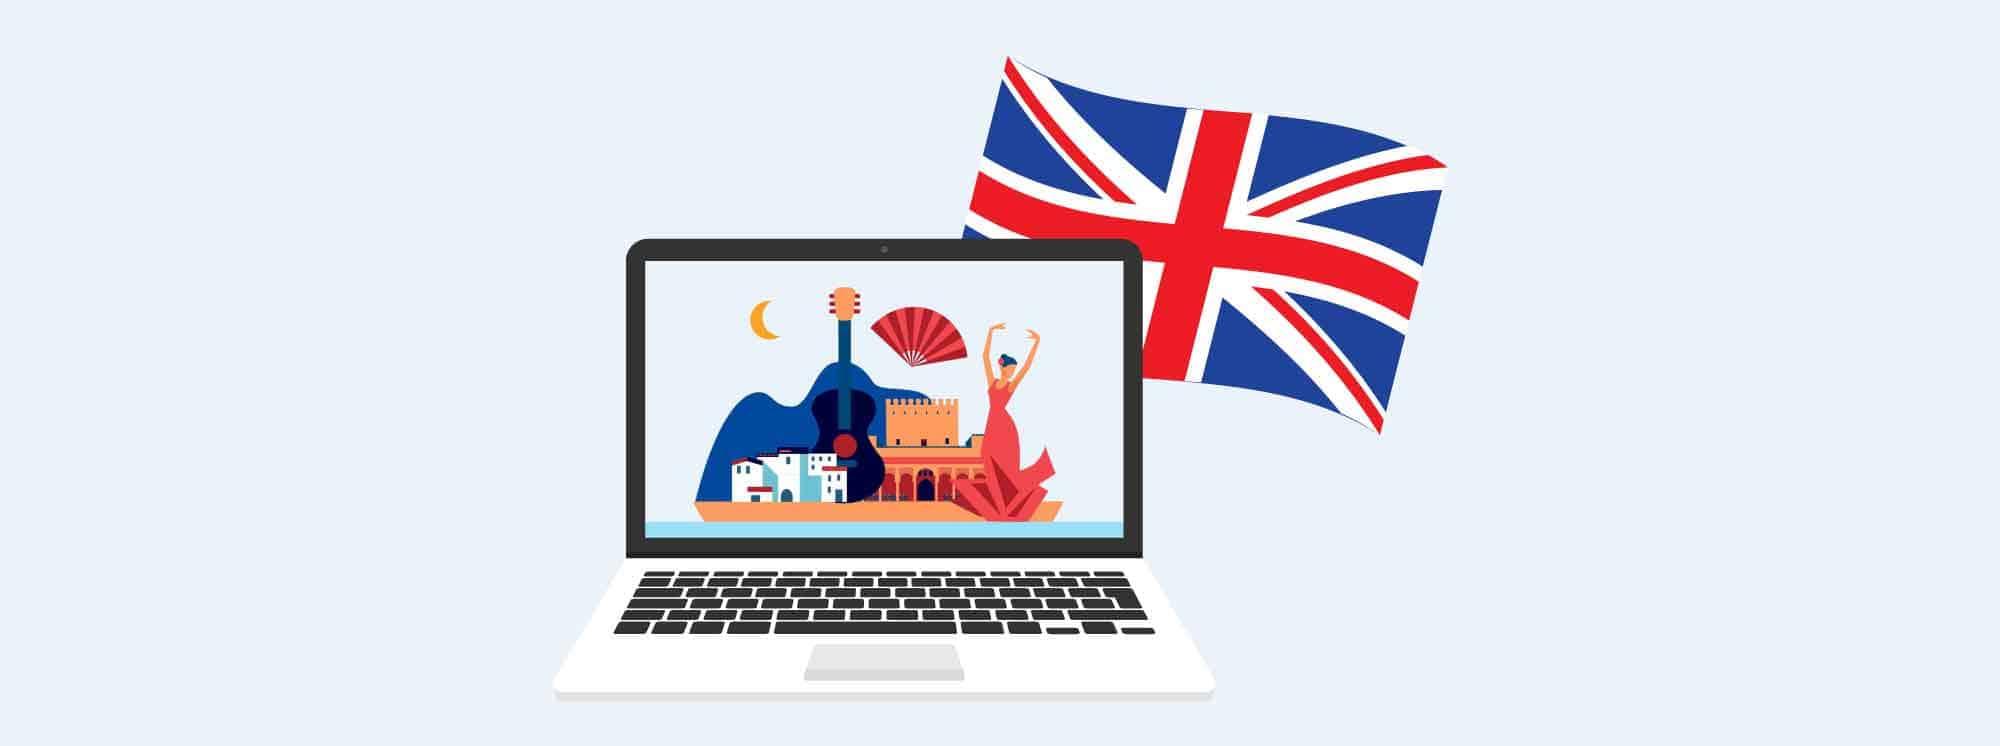 Best British Online Schools in Spain